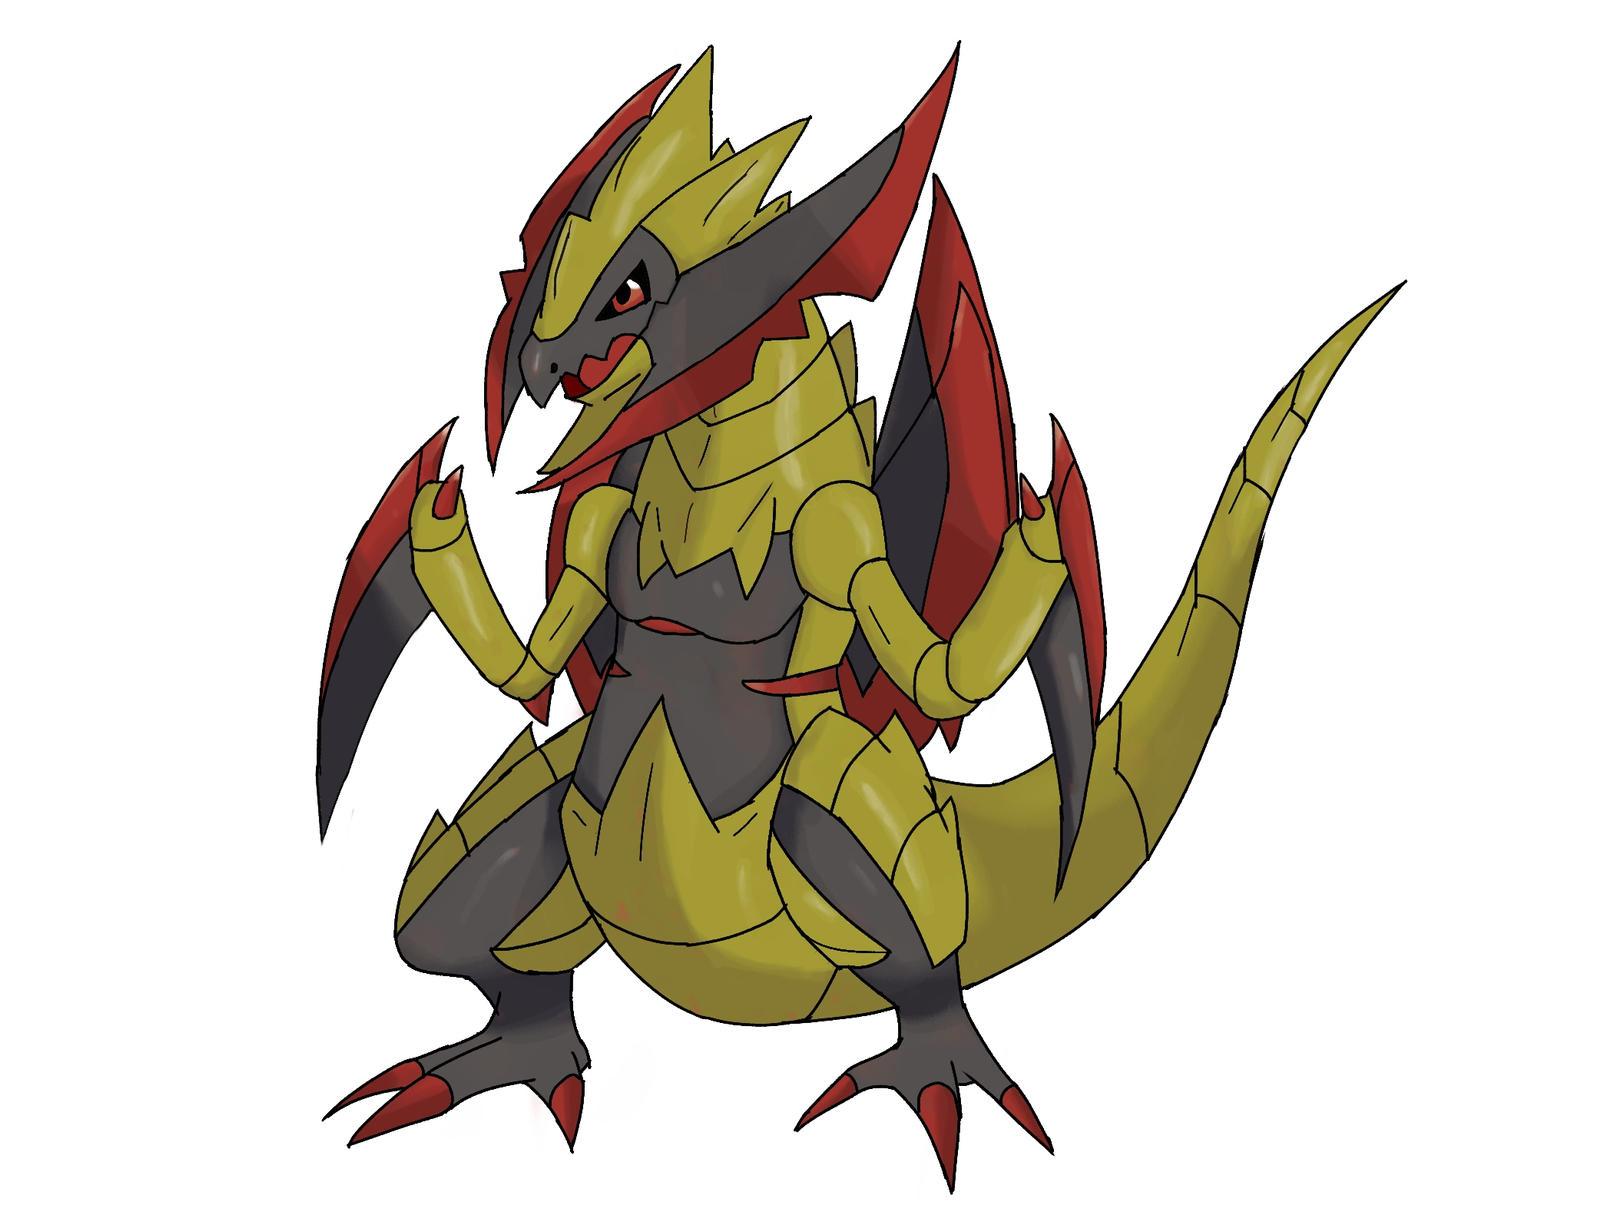 Mega Haxorus